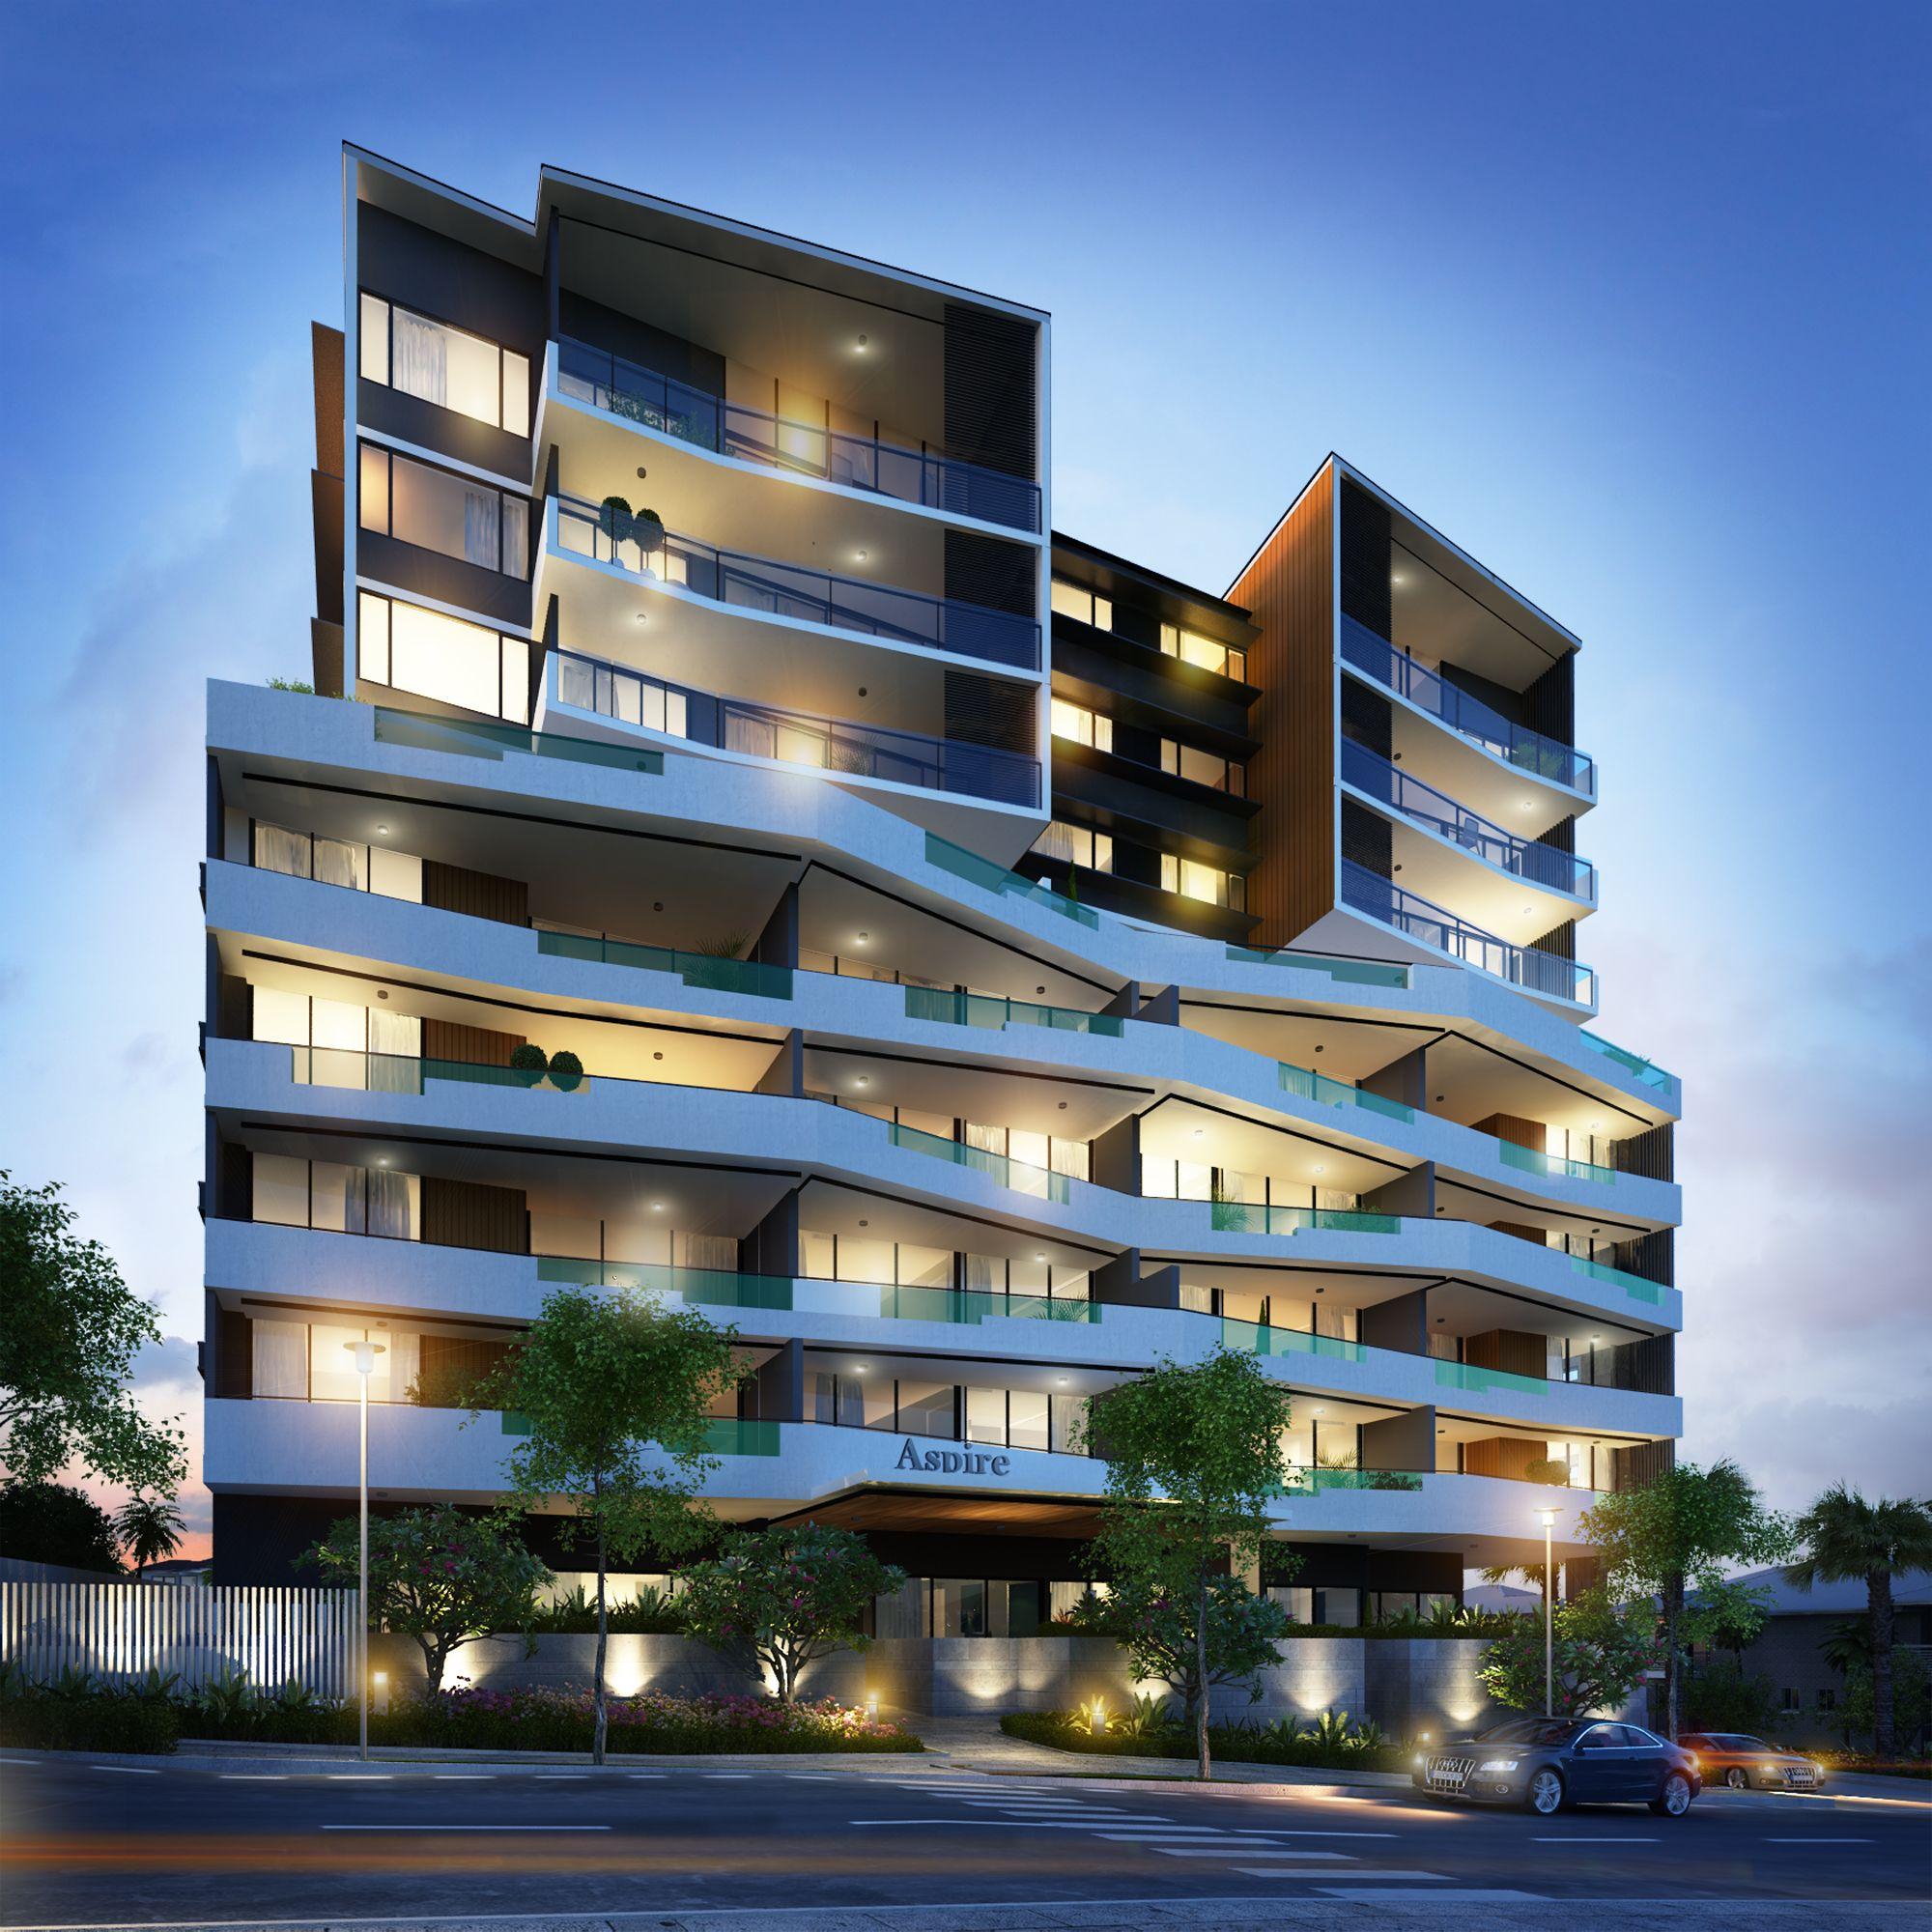 378091331202401529 on 3d House Floor Plans